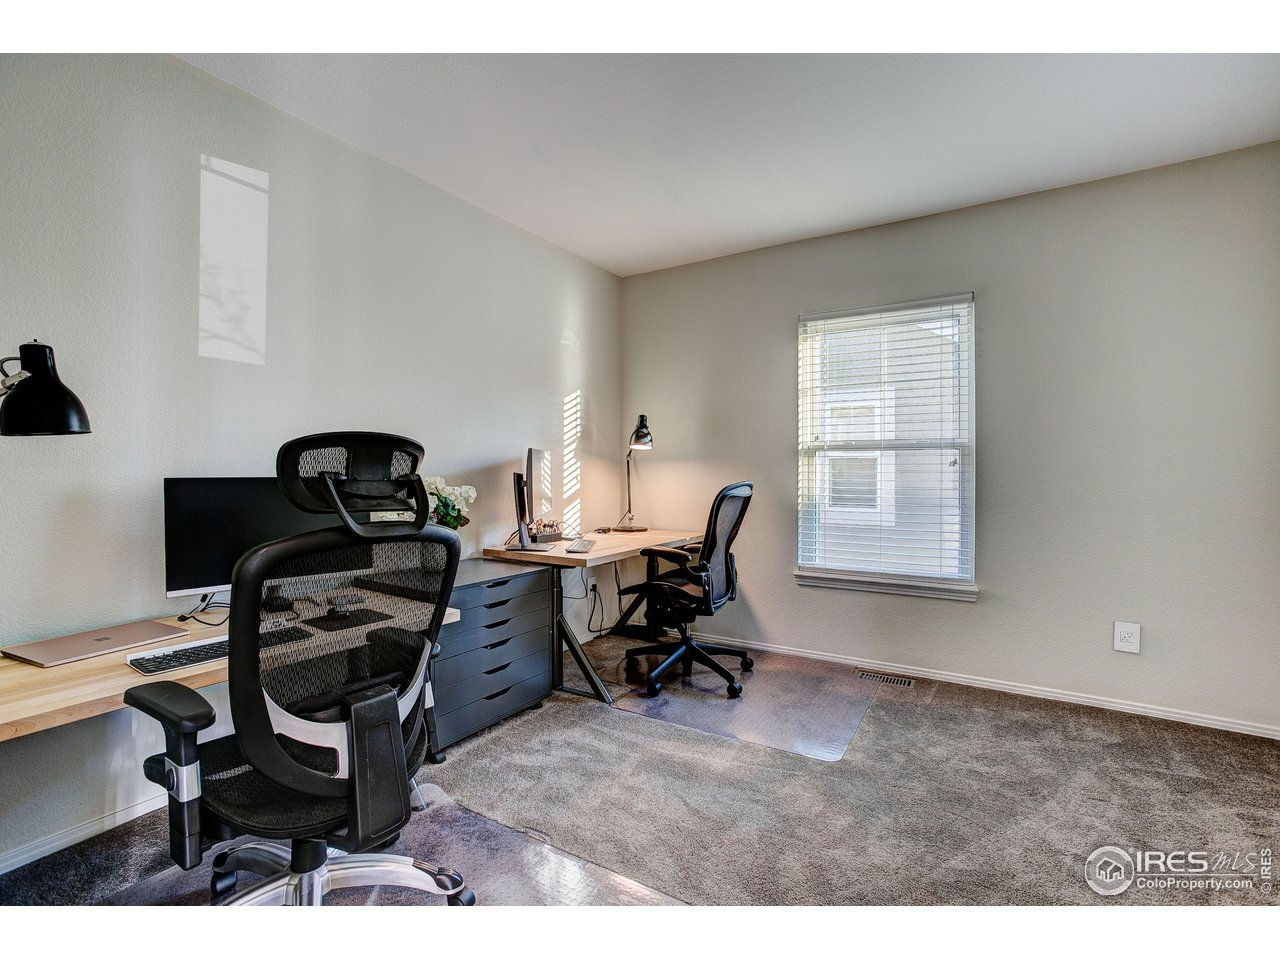 2nd floor bedroom 2 or study